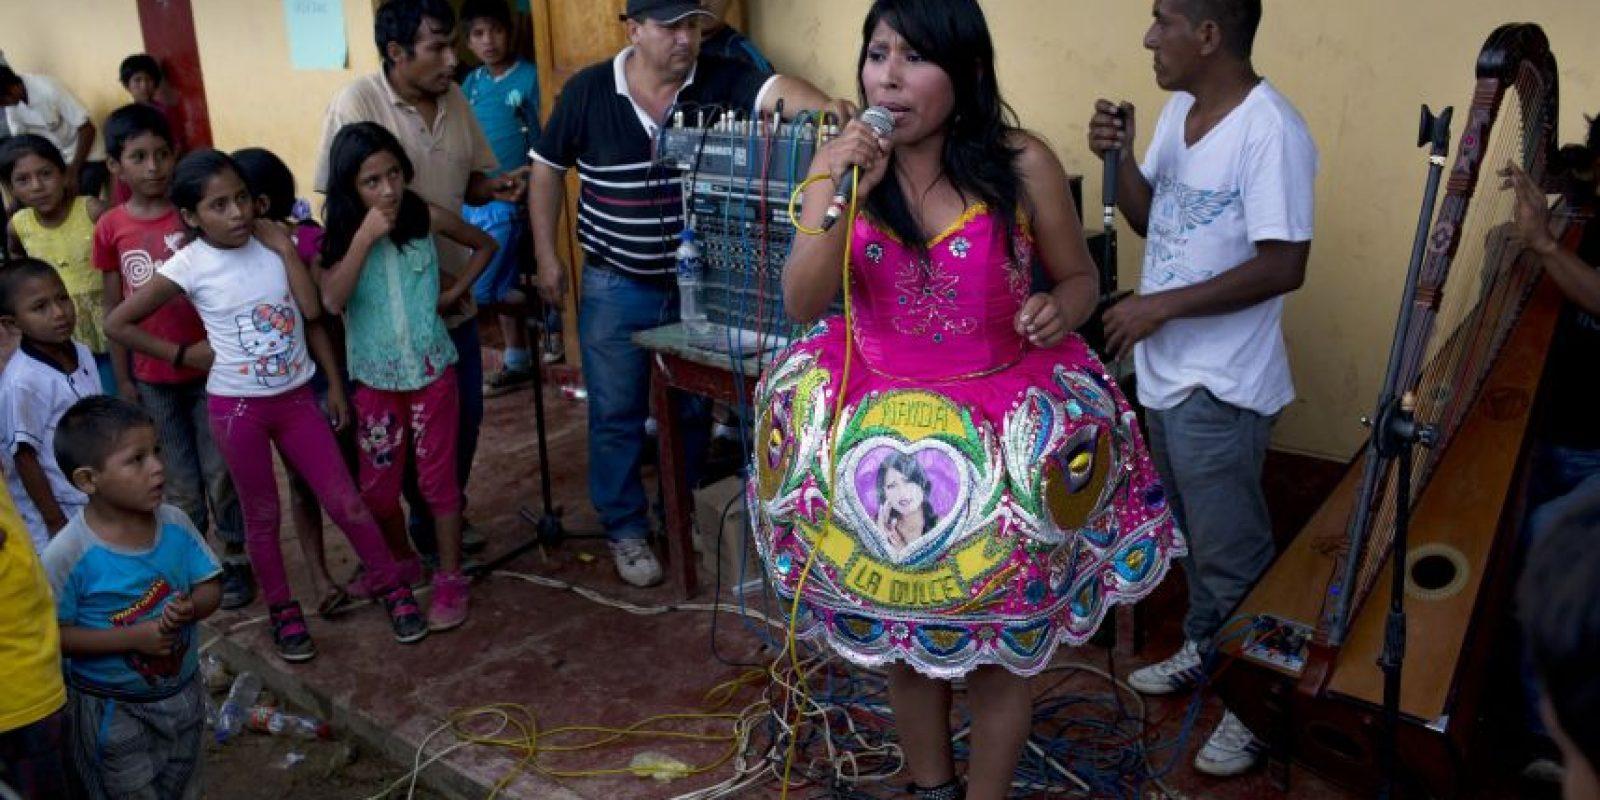 En esta fotografía del 15 de marzo de 2015, la cantante de huayno Nanda la Dulce canta durante un torneo de fútbol en La Mar, provincia de Ayacucho, Perú, localizada en el remoto Valle del Río Apurimac, Ene y Mantaro, donde se origina 60% de la producción de cocaína de Perú. El huayno es la música folclórica tradicional andina. Foto:AP Foto/Rodrigo Abd